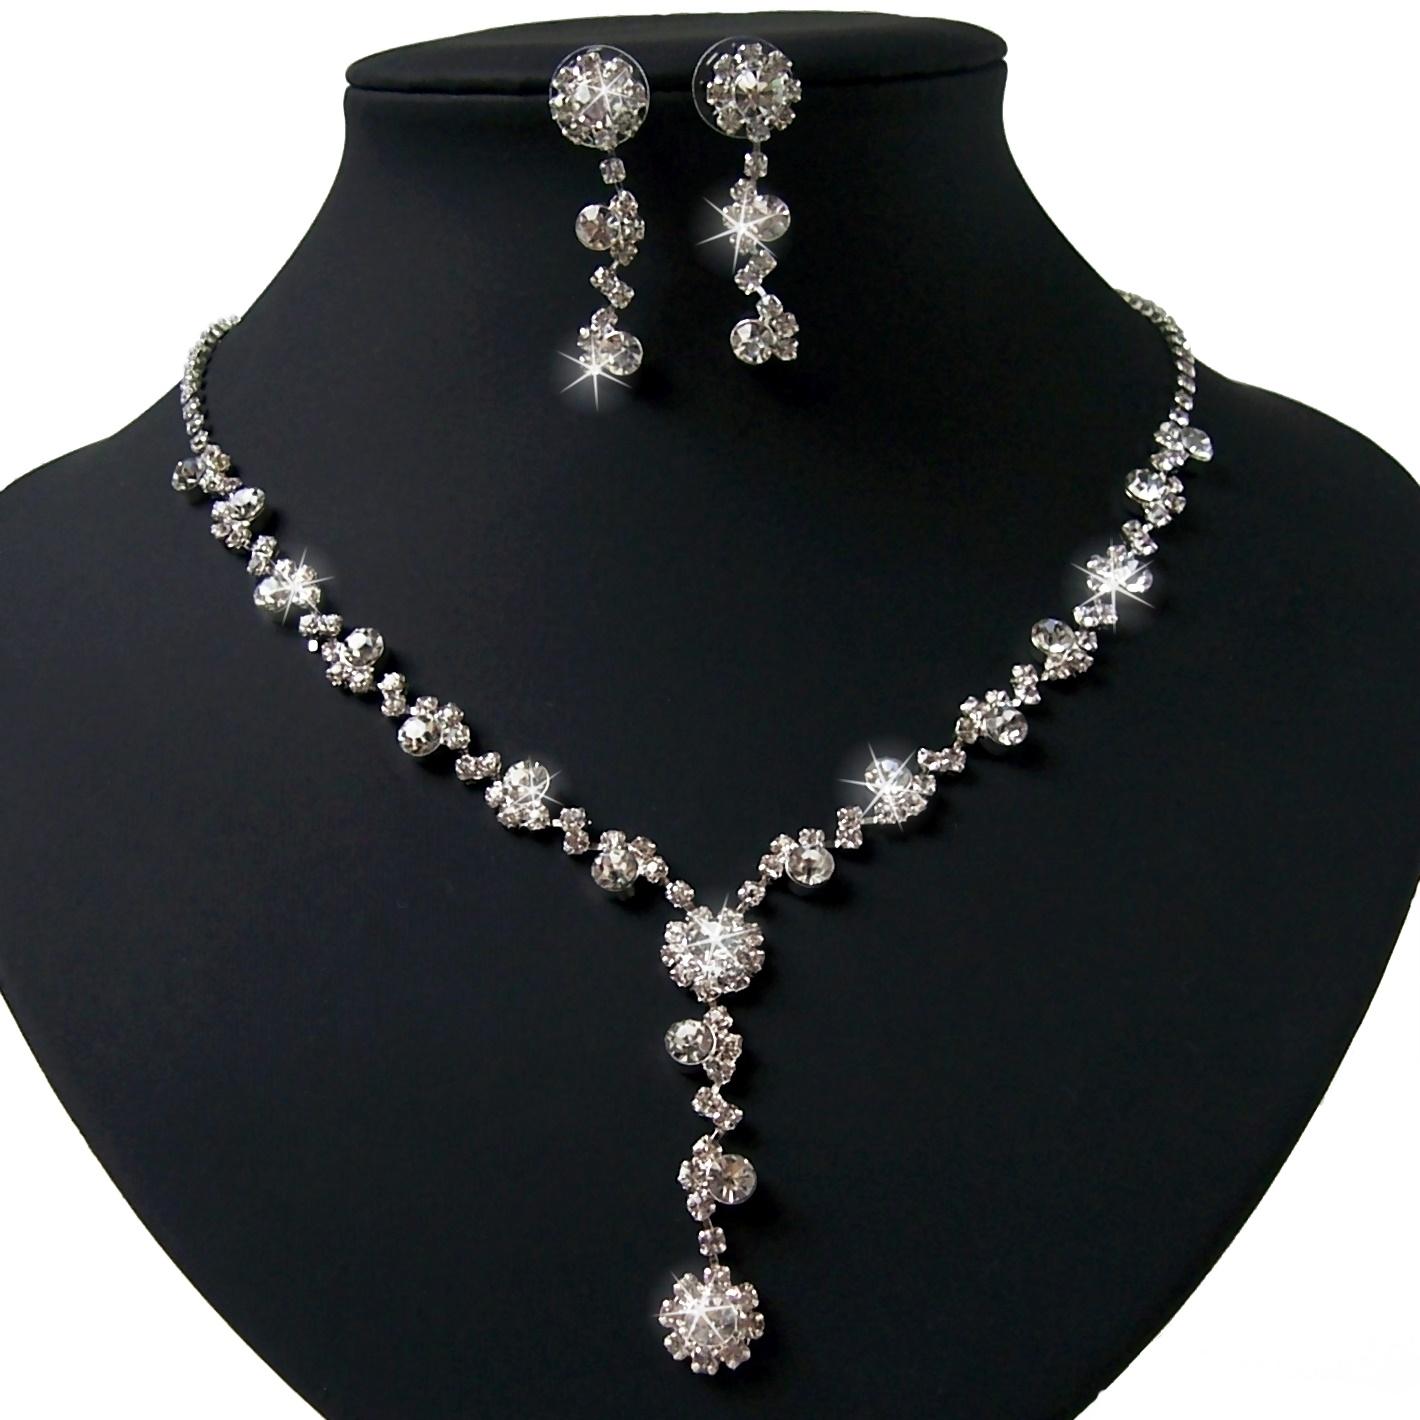 Schmuckset Collier Kette Ohrringe Silber plattiert Hochzeit S1243